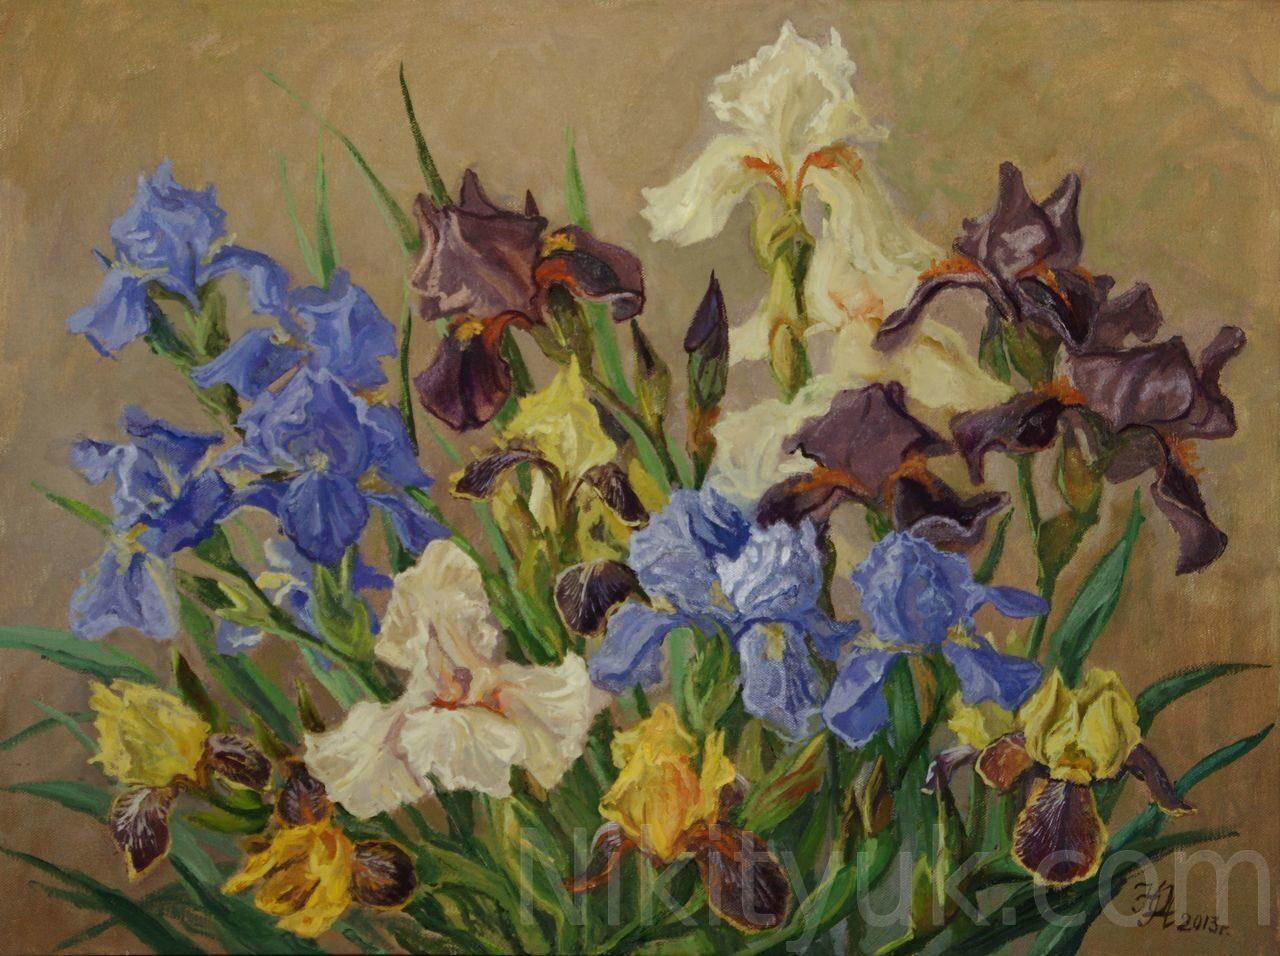 Ирисы. Королевские цветы, х.м., 60х80см, 2013г. 40 000 руб., в наличии.